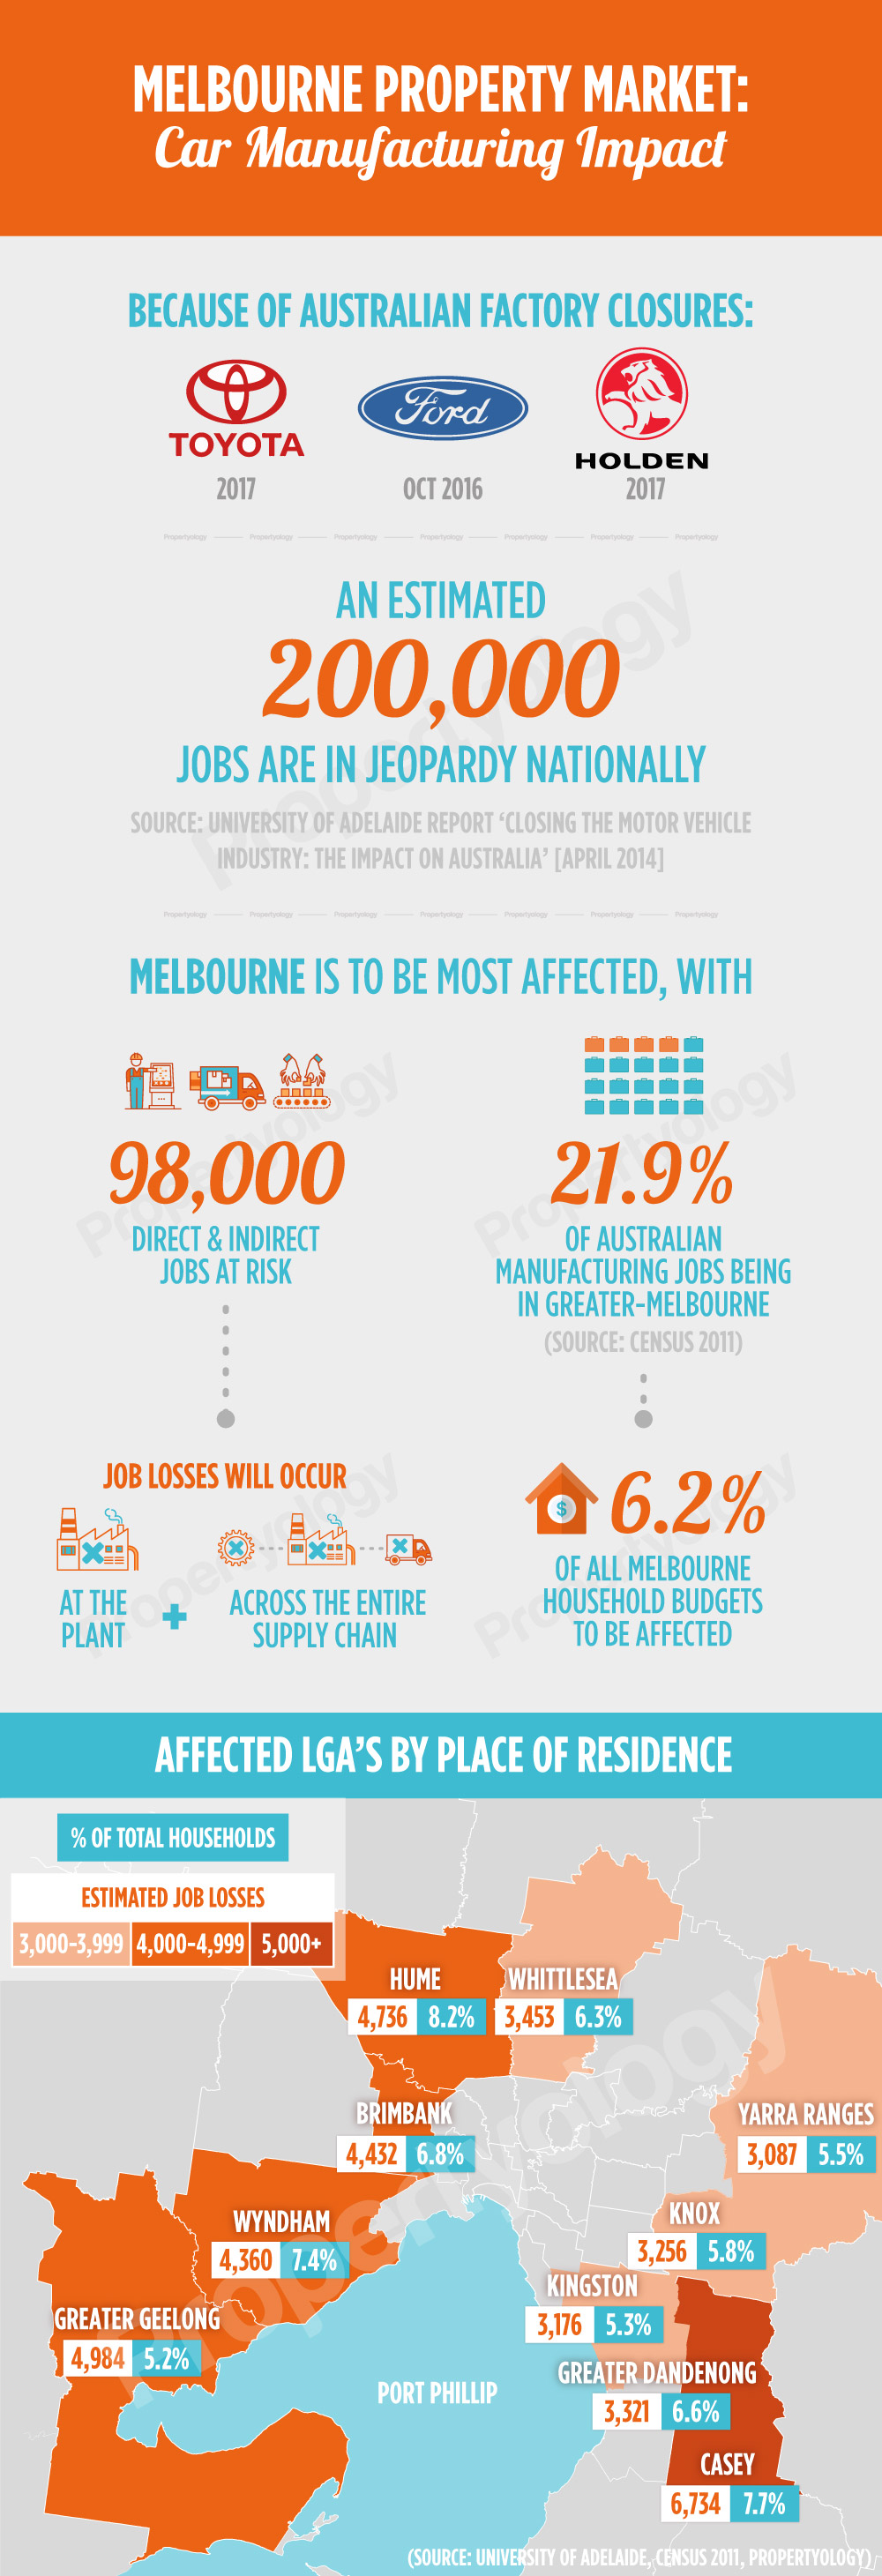 melbourne-property-market-propertyology